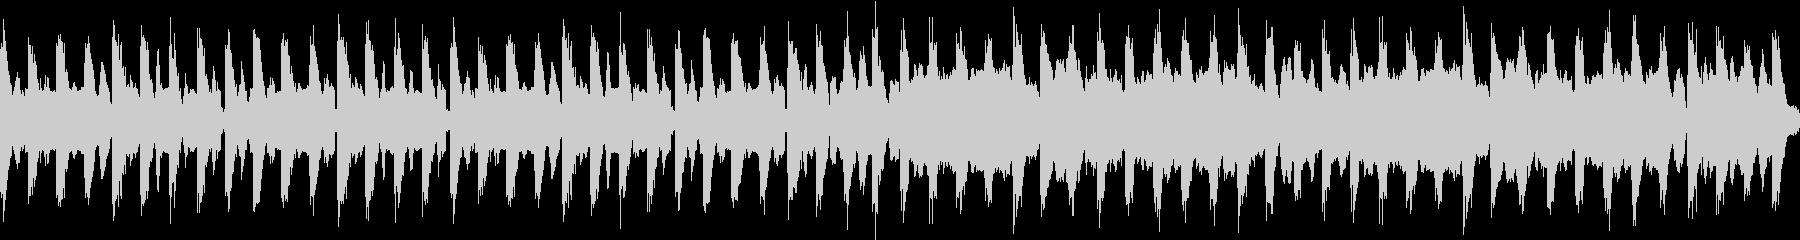 コミカル/静かめカラオケループ仕様の未再生の波形